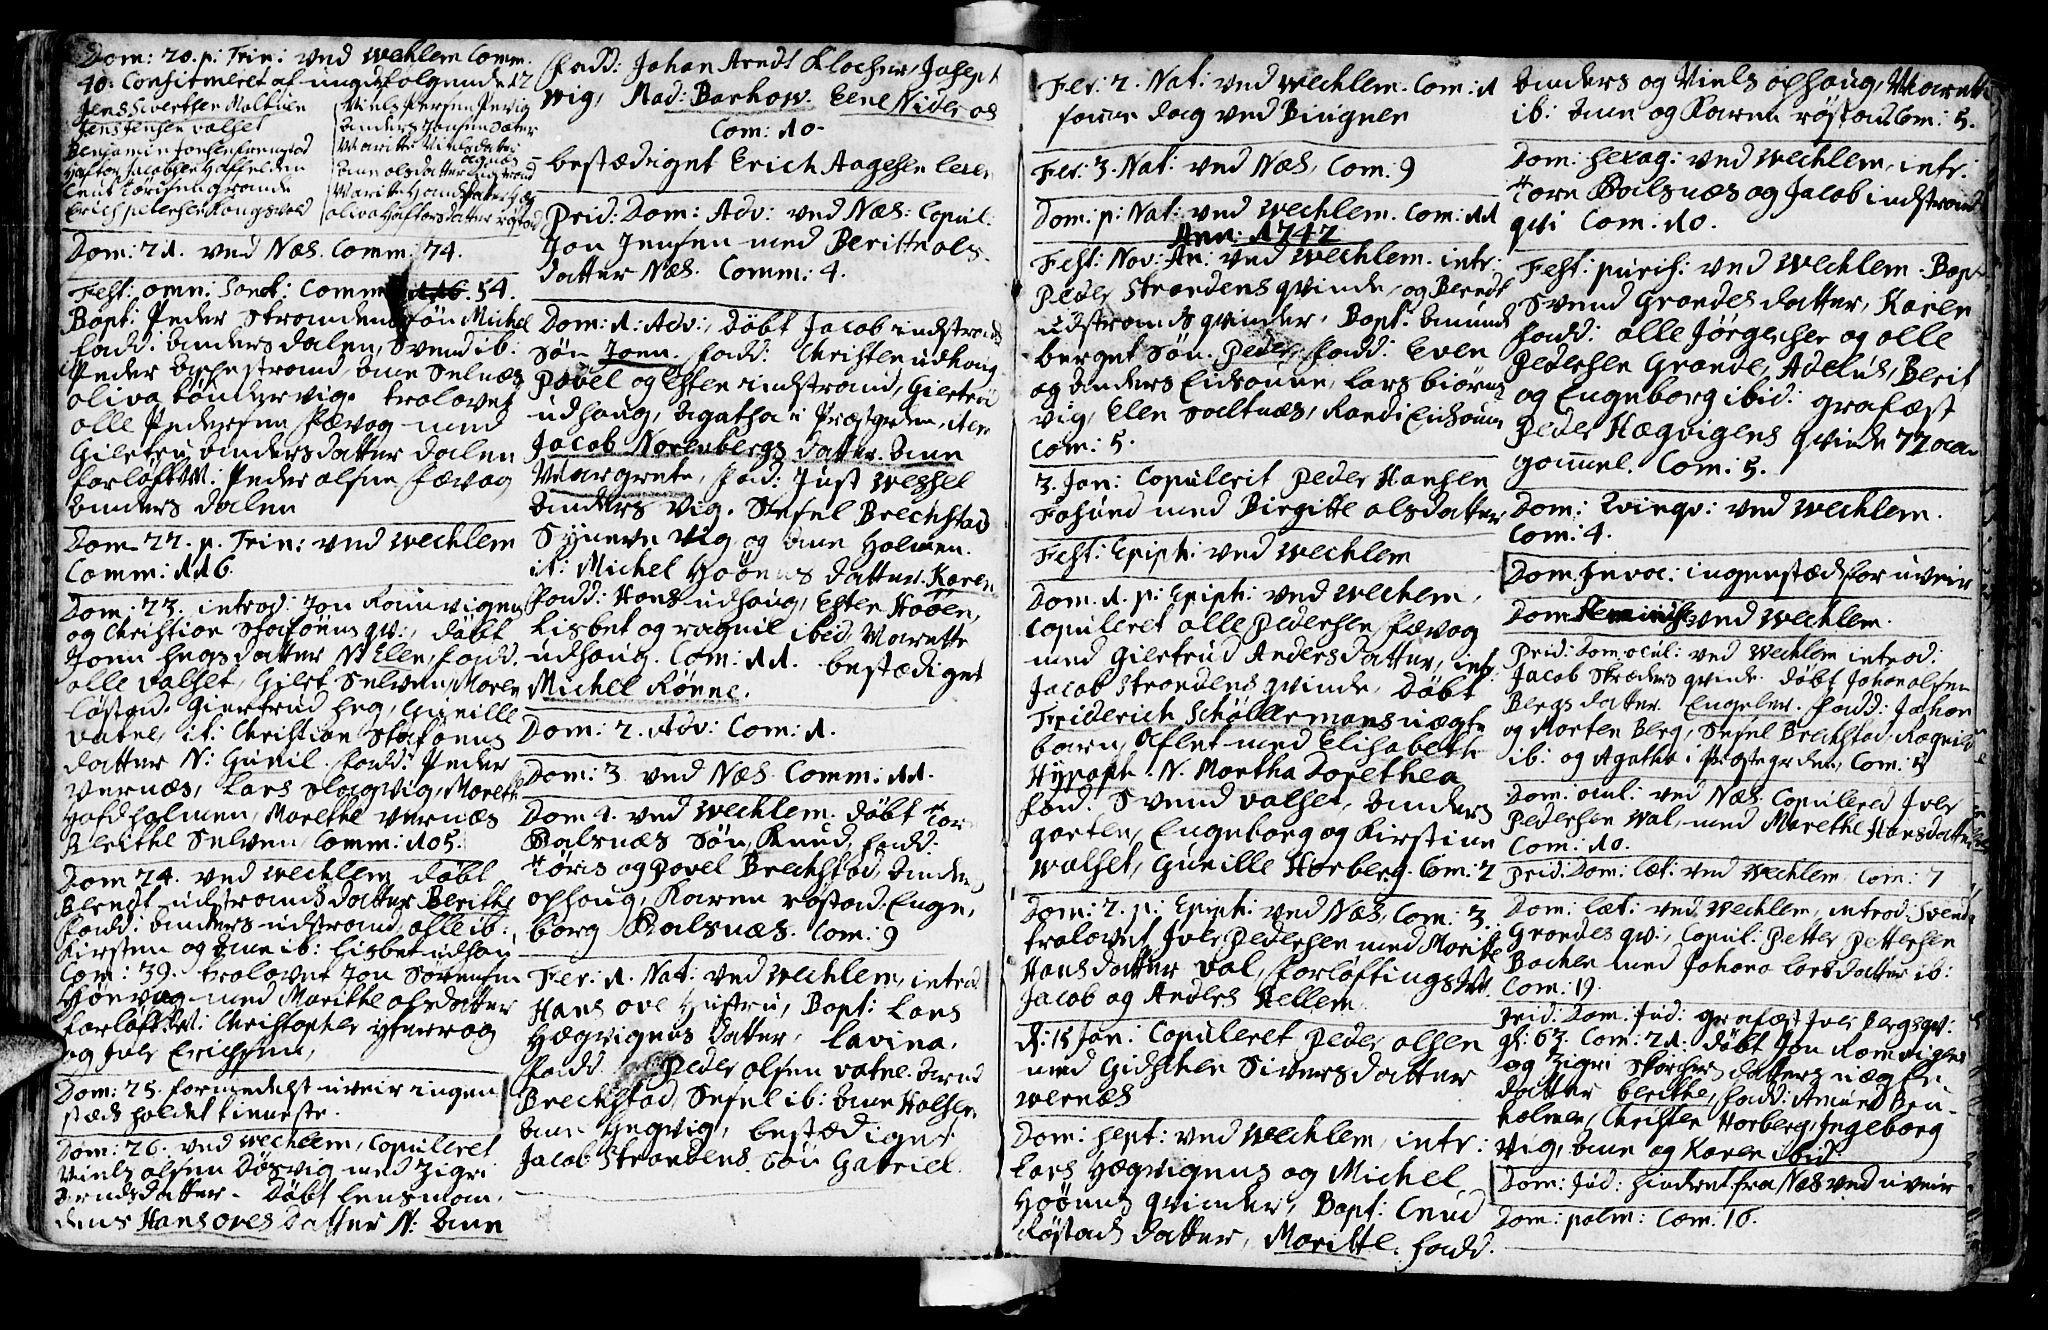 SAT, Ministerialprotokoller, klokkerbøker og fødselsregistre - Sør-Trøndelag, 659/L0732: Ministerialbok nr. 659A02, 1733-1761